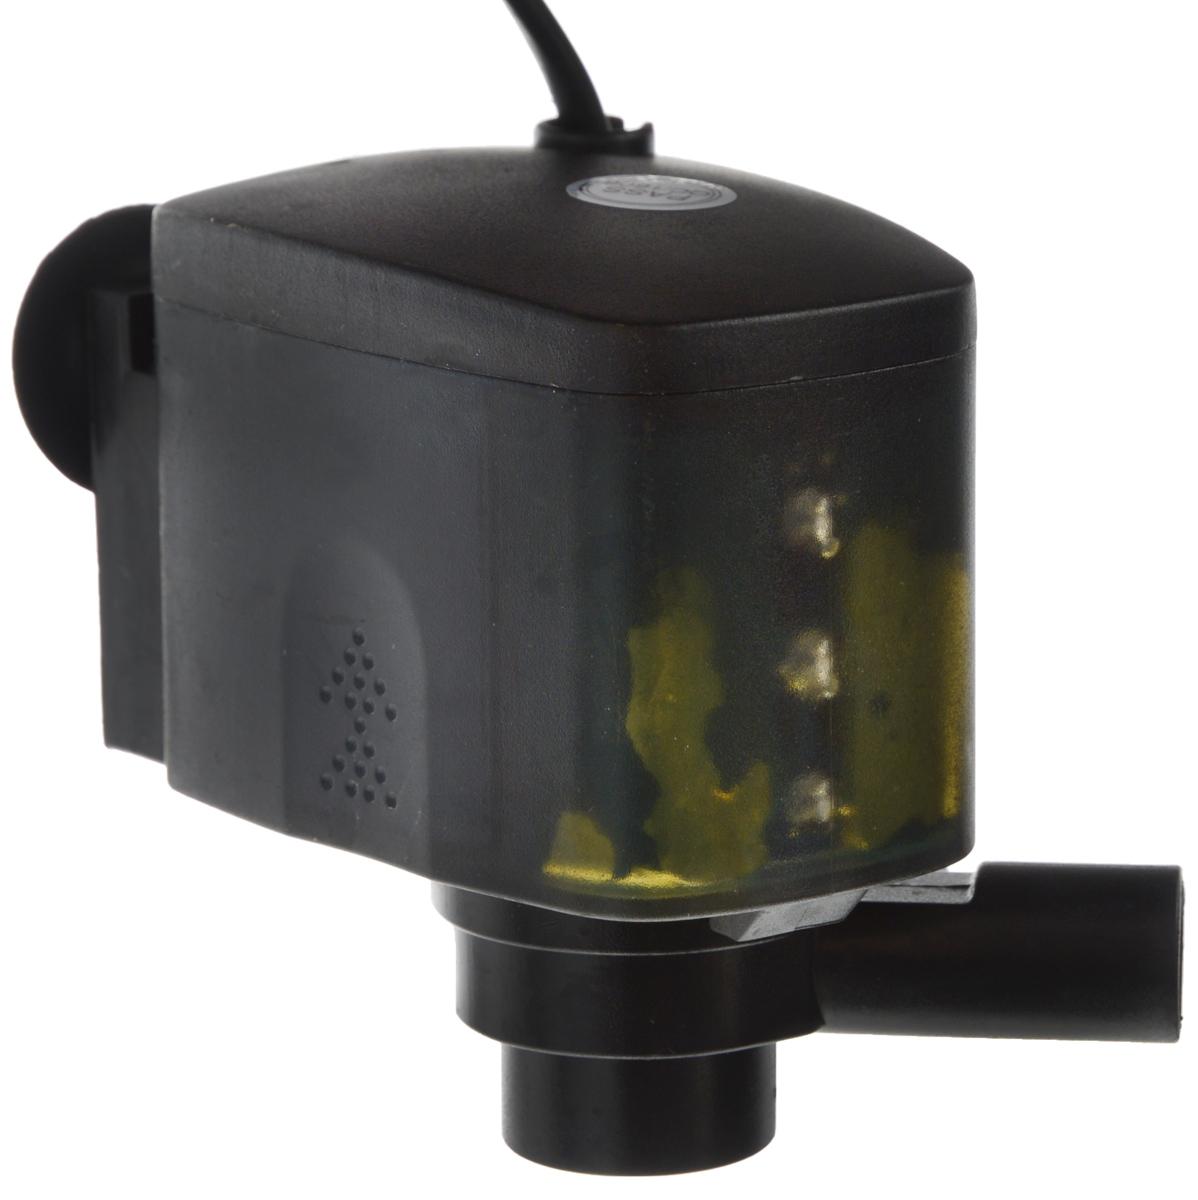 Помпа для аквариума Barbus LED-188, водяная, с индикаторами LED, 1200 л/ч, 20 ВтPUMP 008Водяная помпа Barbus LED-188 - это насос, который предназначен для подачи воды в аквариуме, подходит для пресной и соленой воды. Механическая фильтрация происходит за счёт губки, которая поглощает грязь и очищает воду. Также помпа Barbus LED-188 используется для подачи воды по шлангу на некоторые устройства, расположенные вне аквариума - такие как ультрафиолетовые стерилизаторы, сухозаряженные и некоторые навесные фильтры, биофильтры вне аквариума и другие.Имеет дополнительную насадку с возможностью аэрации воды. Только для полного погружения в воду. Напряжение: 220-240 В. Частота: 50/60 Гц. Производительность: 1200 л/ч.Максимальная высота подъема: 1,2 м. Уважаемые клиенты!Обращаем ваше внимание навозможныеизмененияв цветенекоторых деталейтовара. Поставка осуществляется в зависимости от наличия на складе.